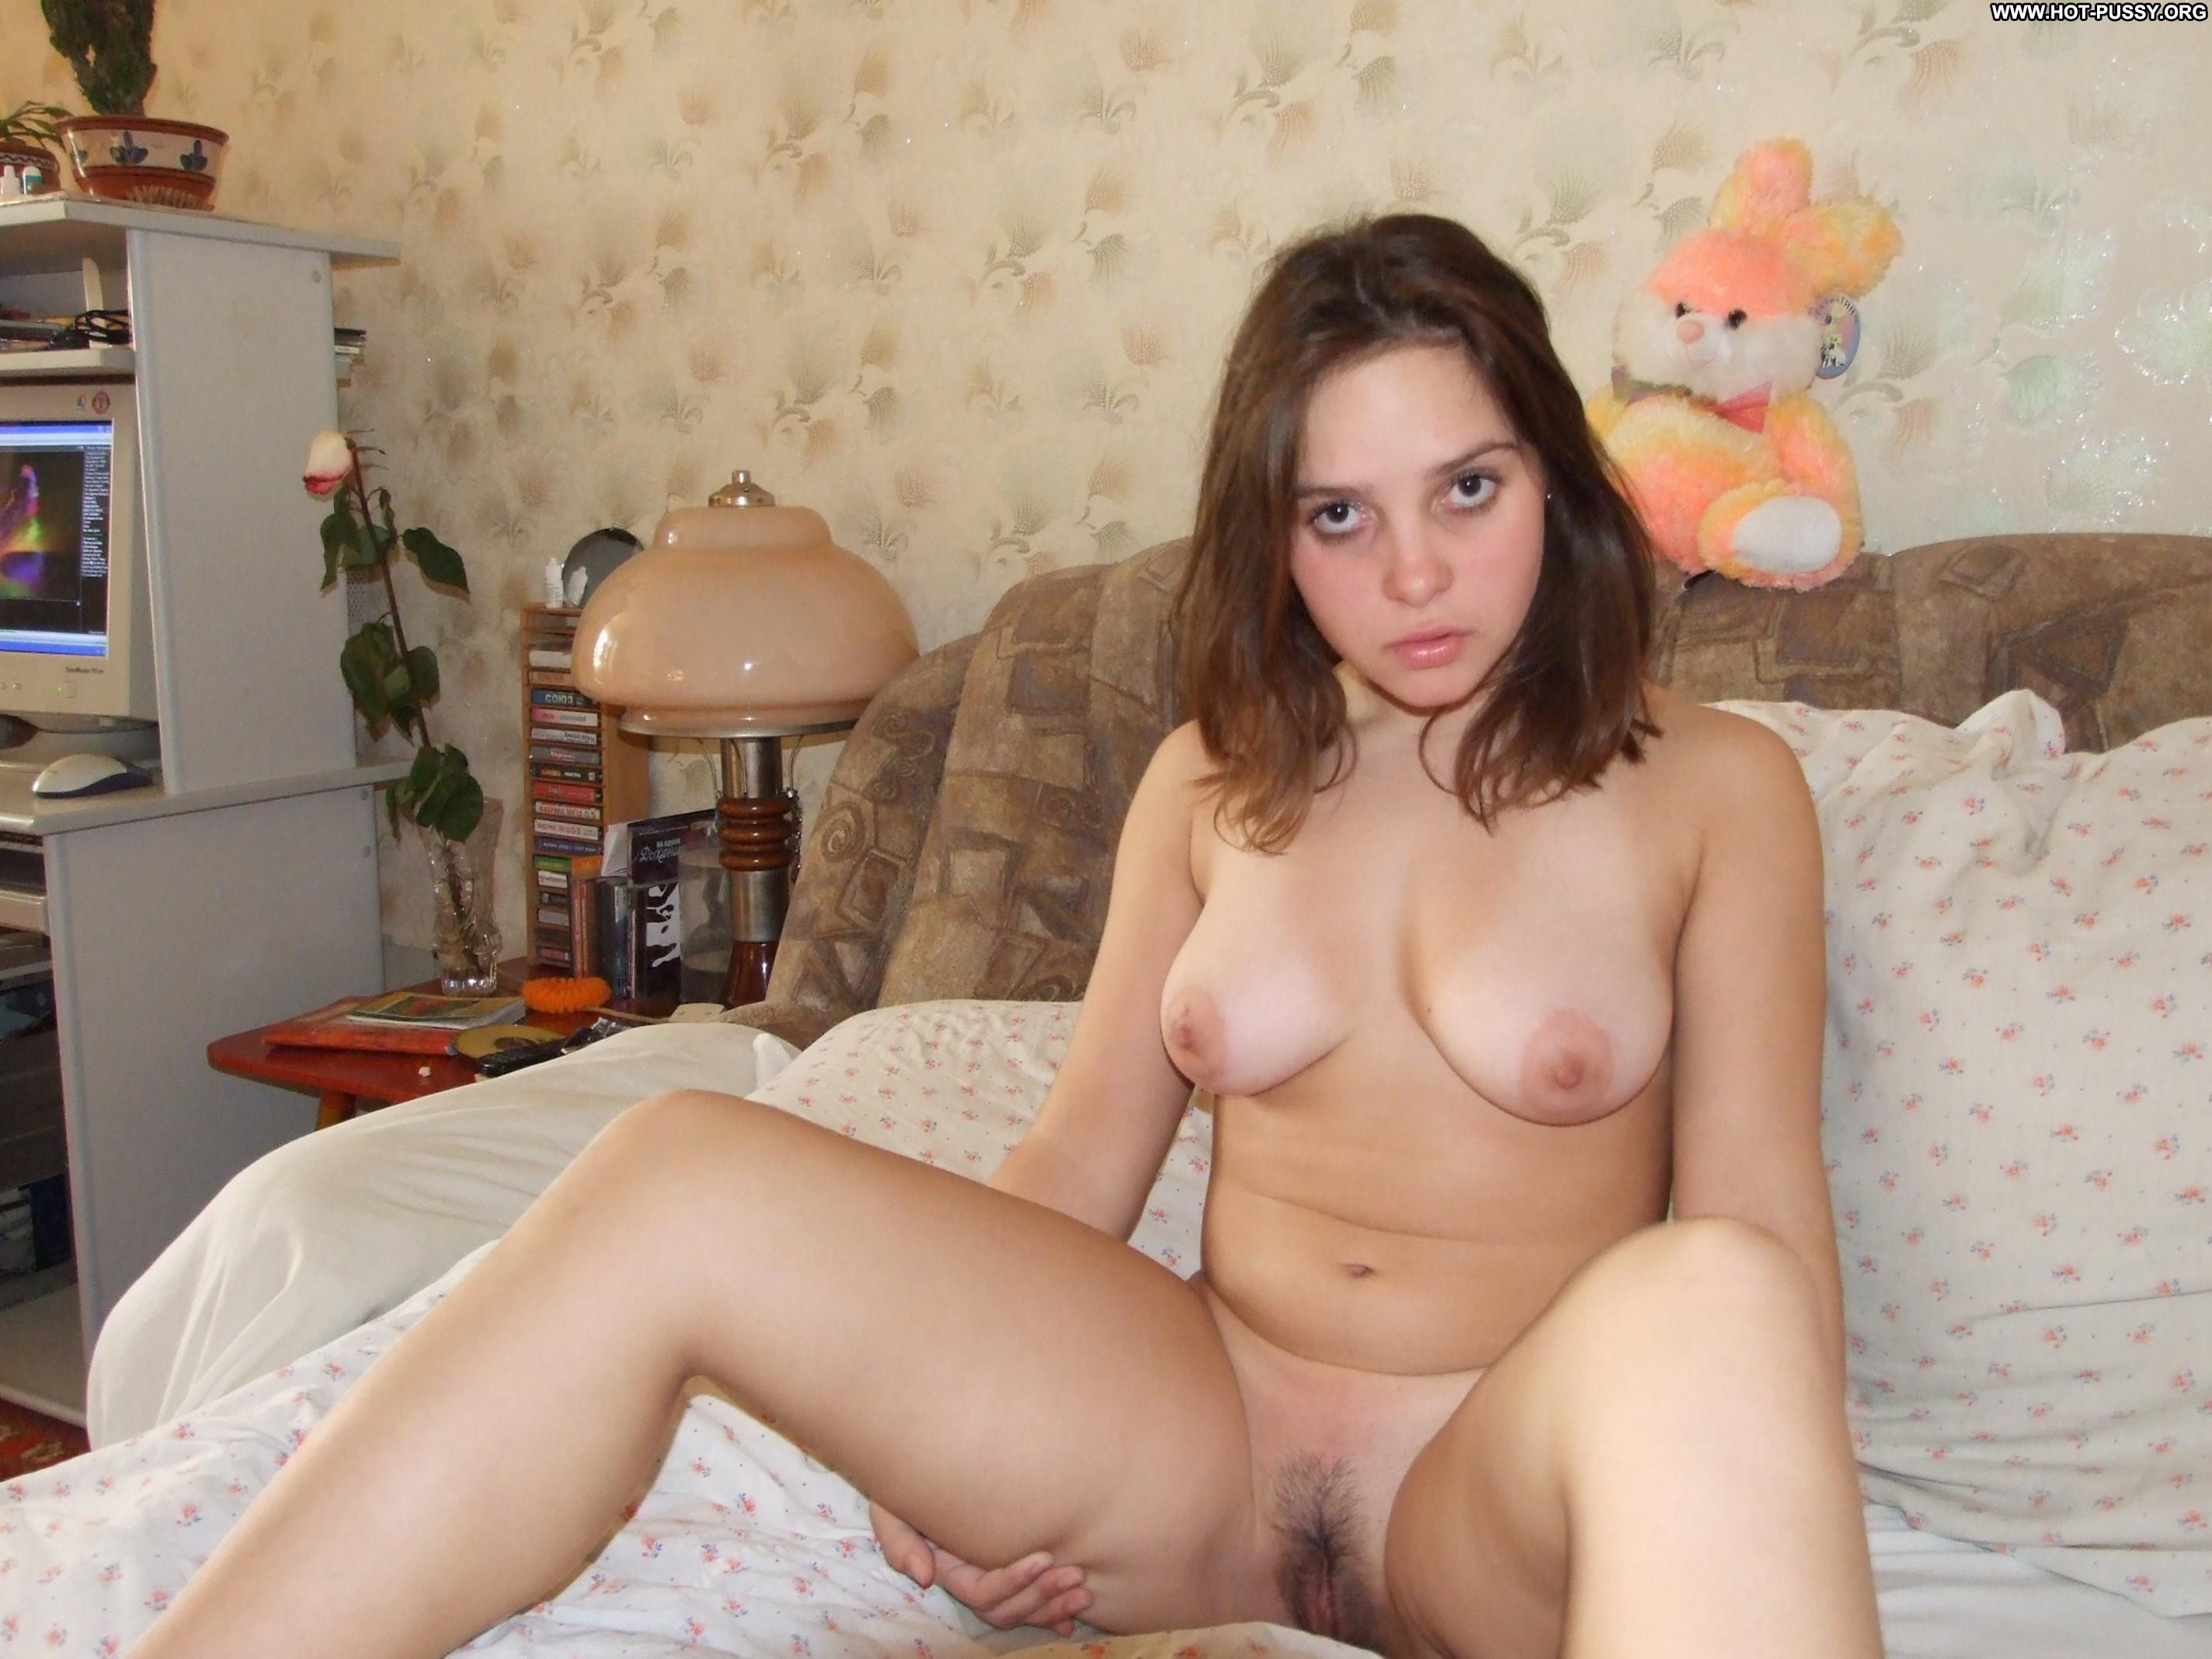 Amateur Teneger Nude Porno katharine stolen private pics amateur teen couple porn sex